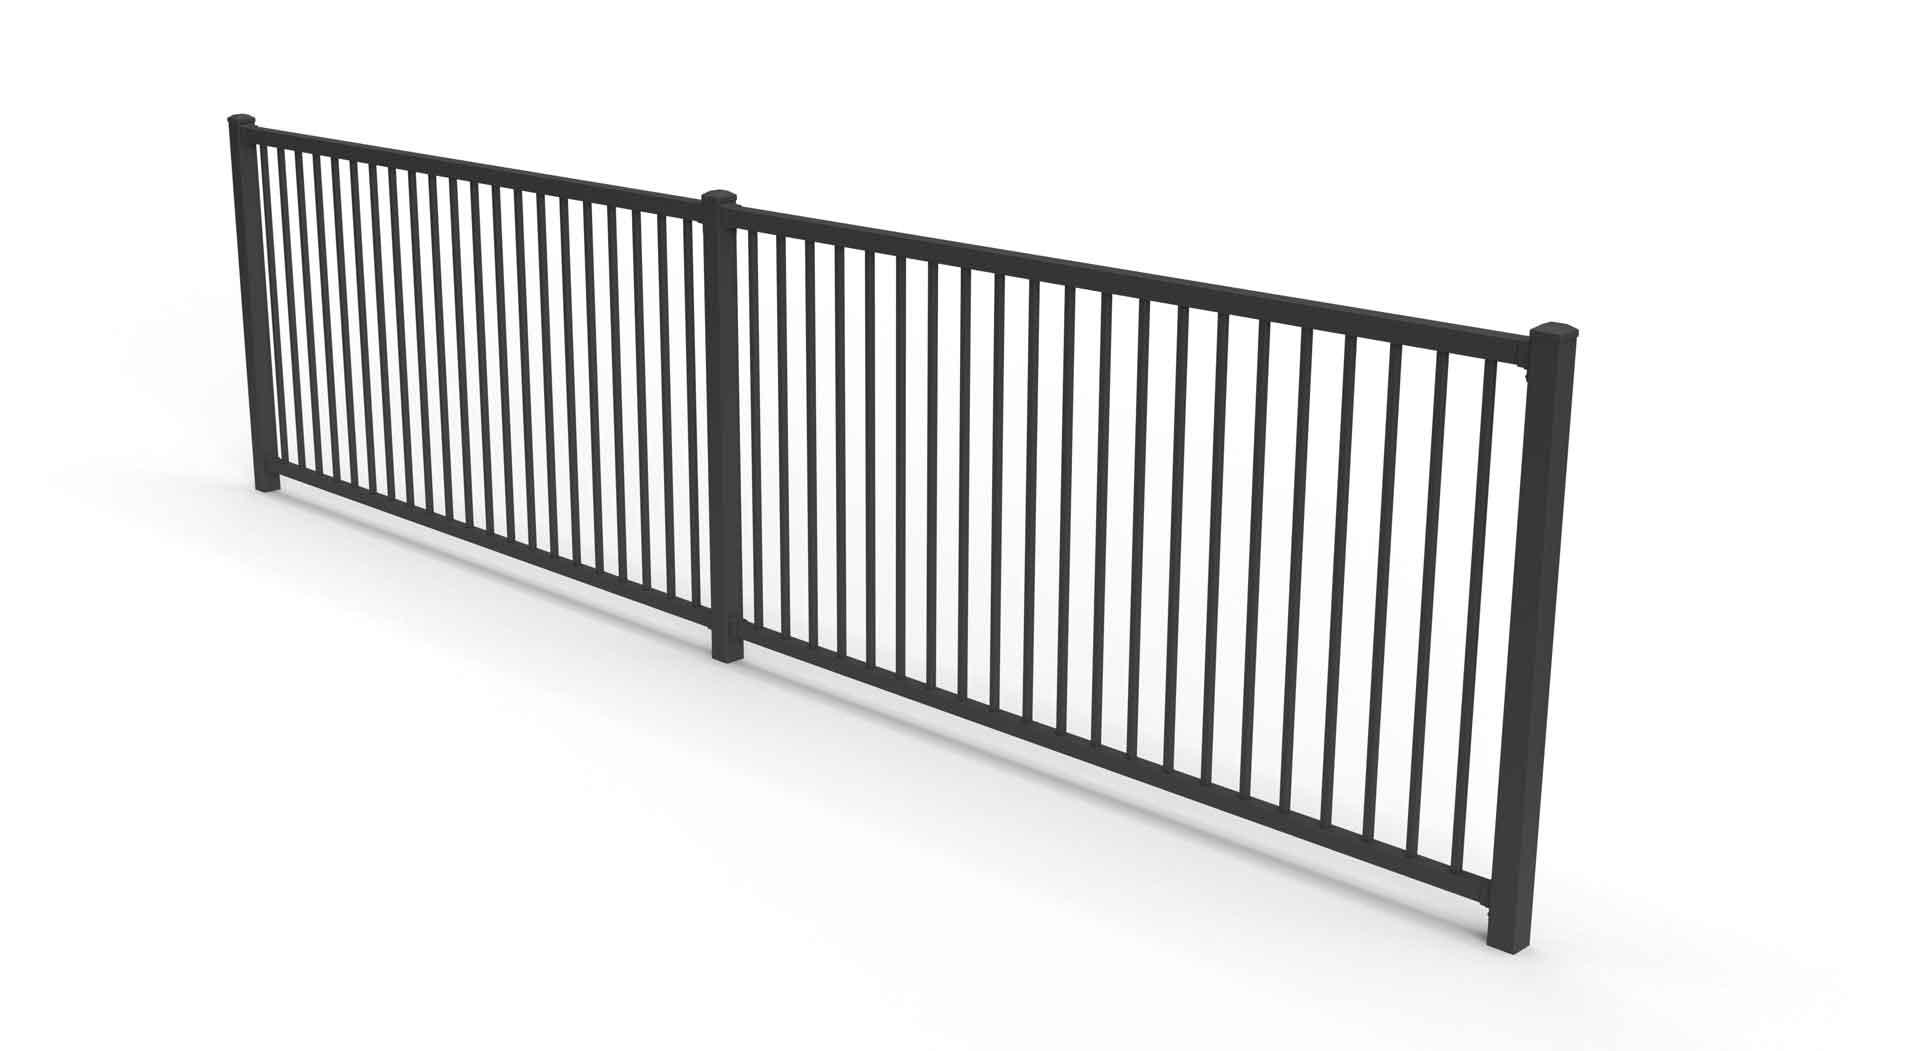 maximus durable fence balustrade garden retaining wall